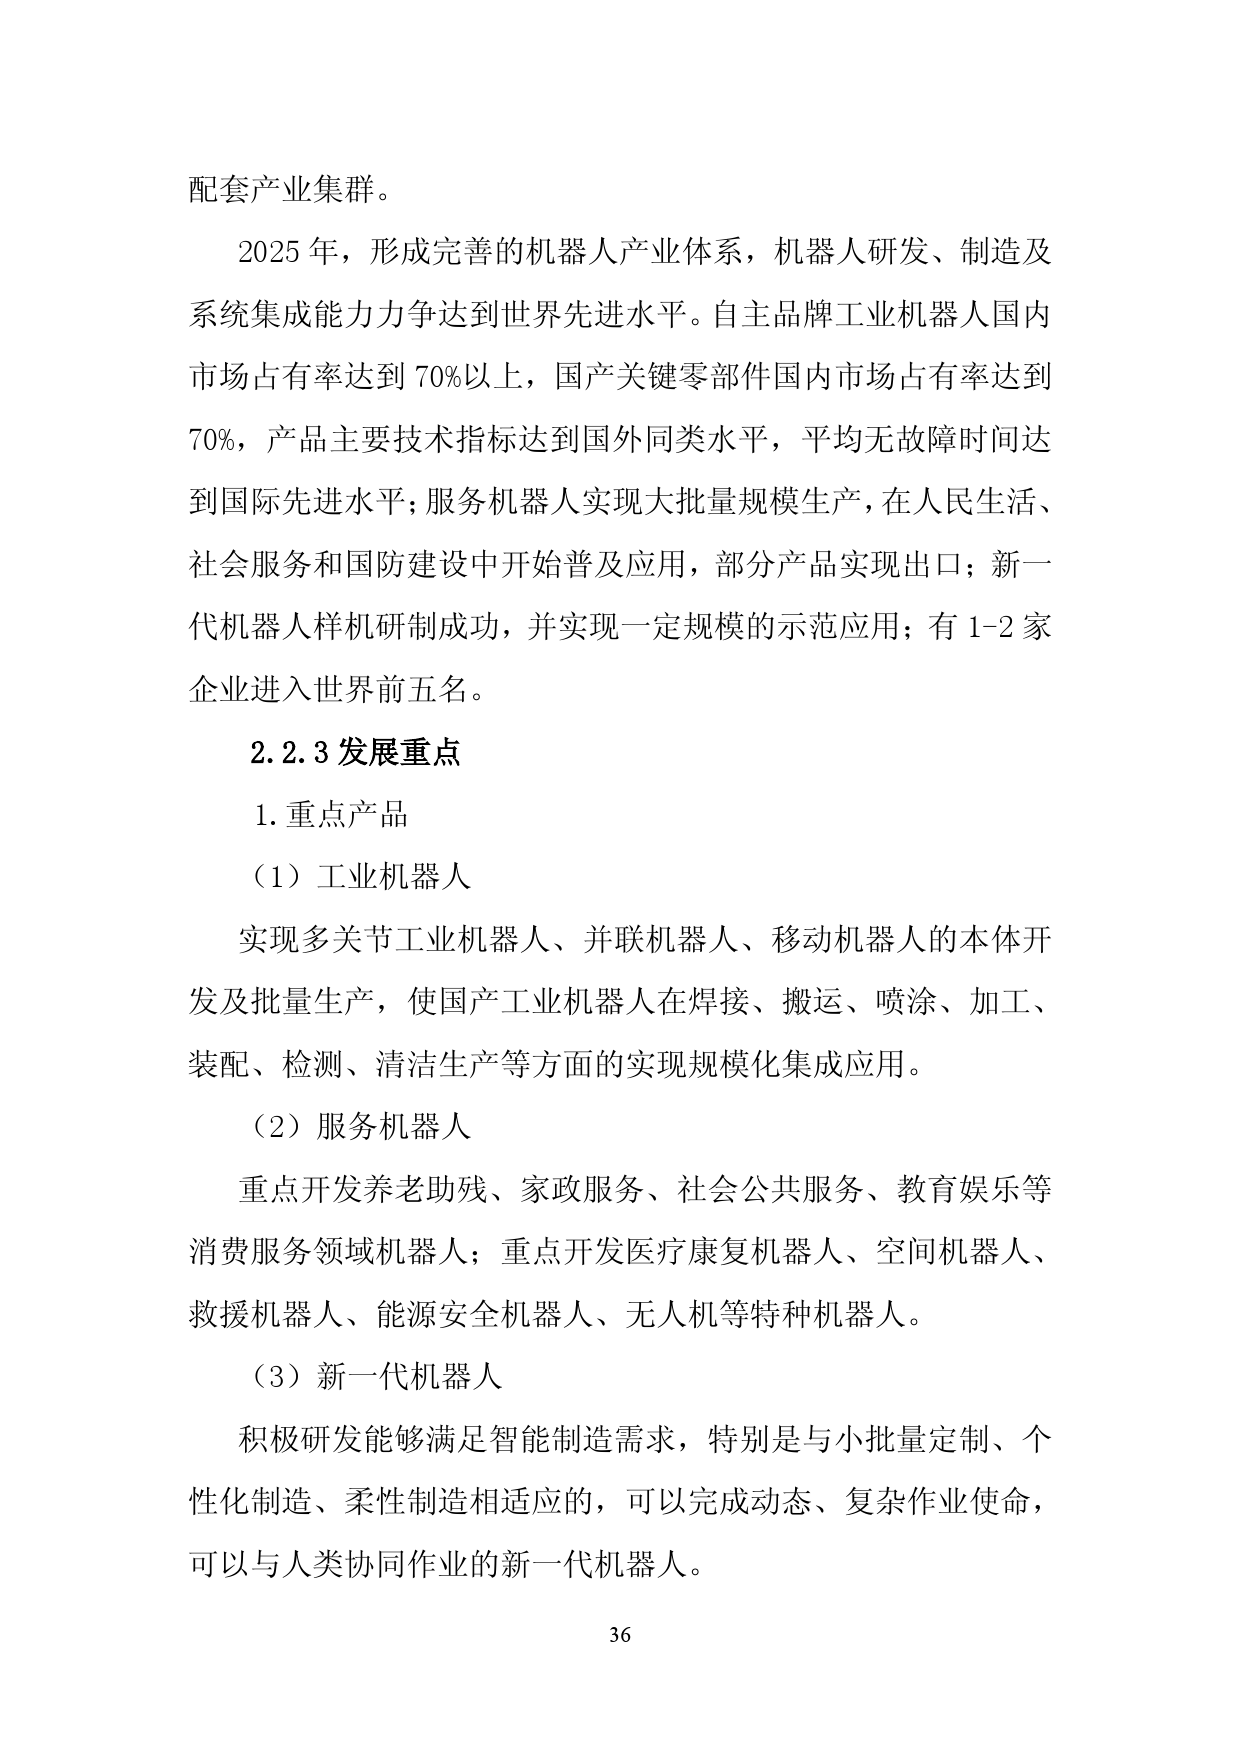 《中国制造 2025》重点领域技术路线图_000042